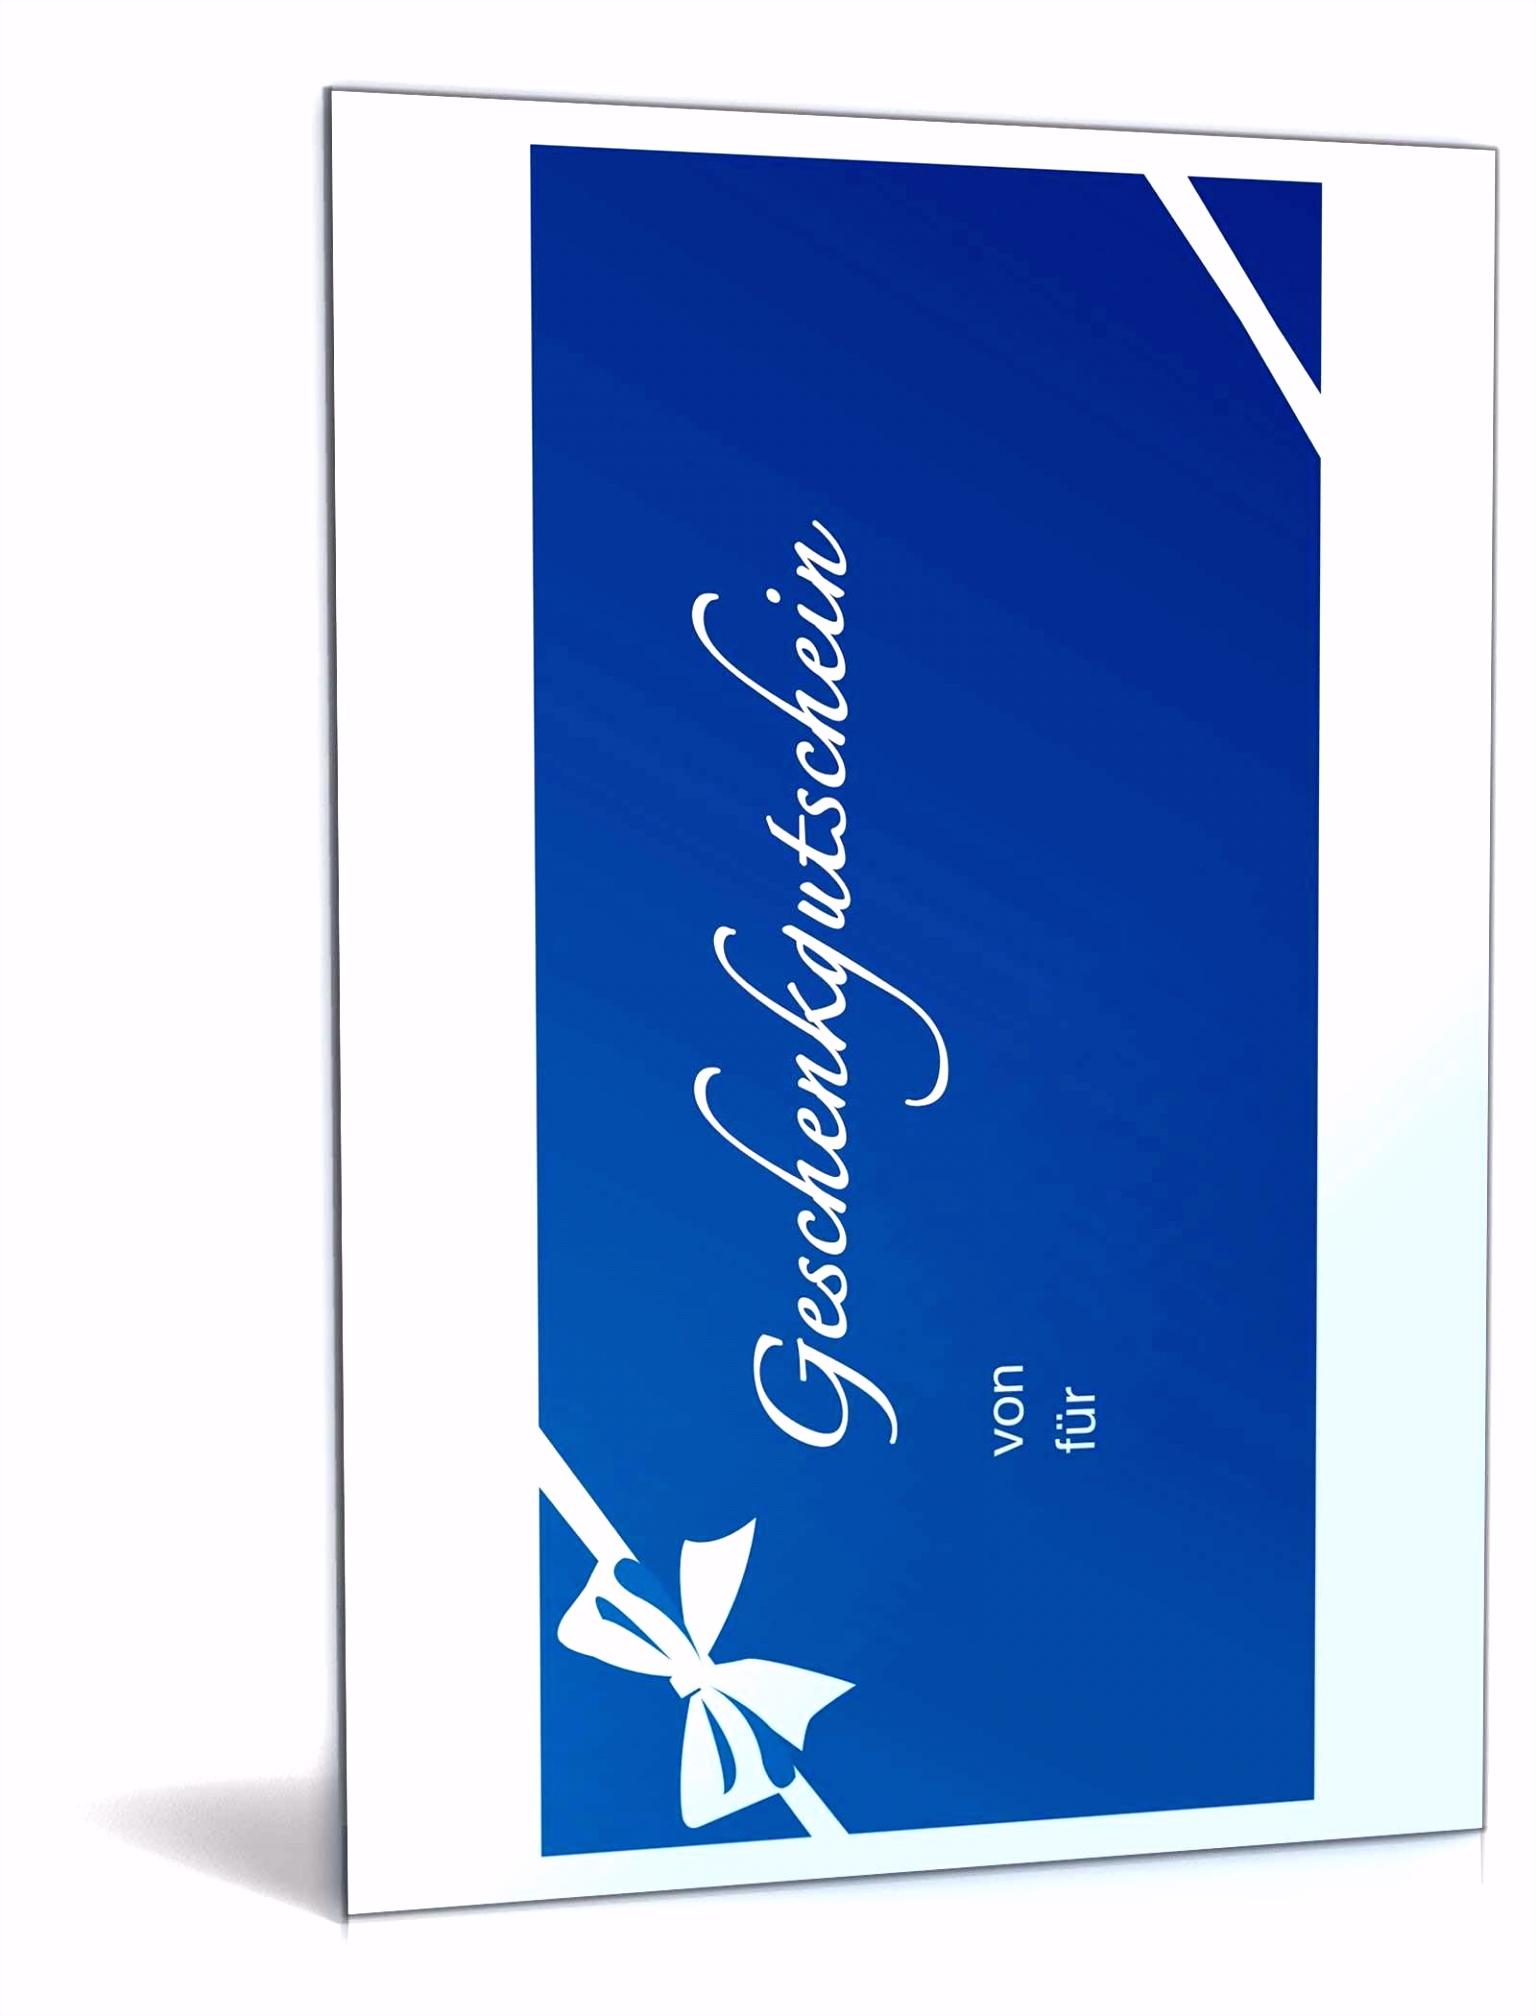 Gutschein Vorlage Konzert 51 Gutschein Design Vorlage Y6vr75kwp1 Hhdkm5umg6